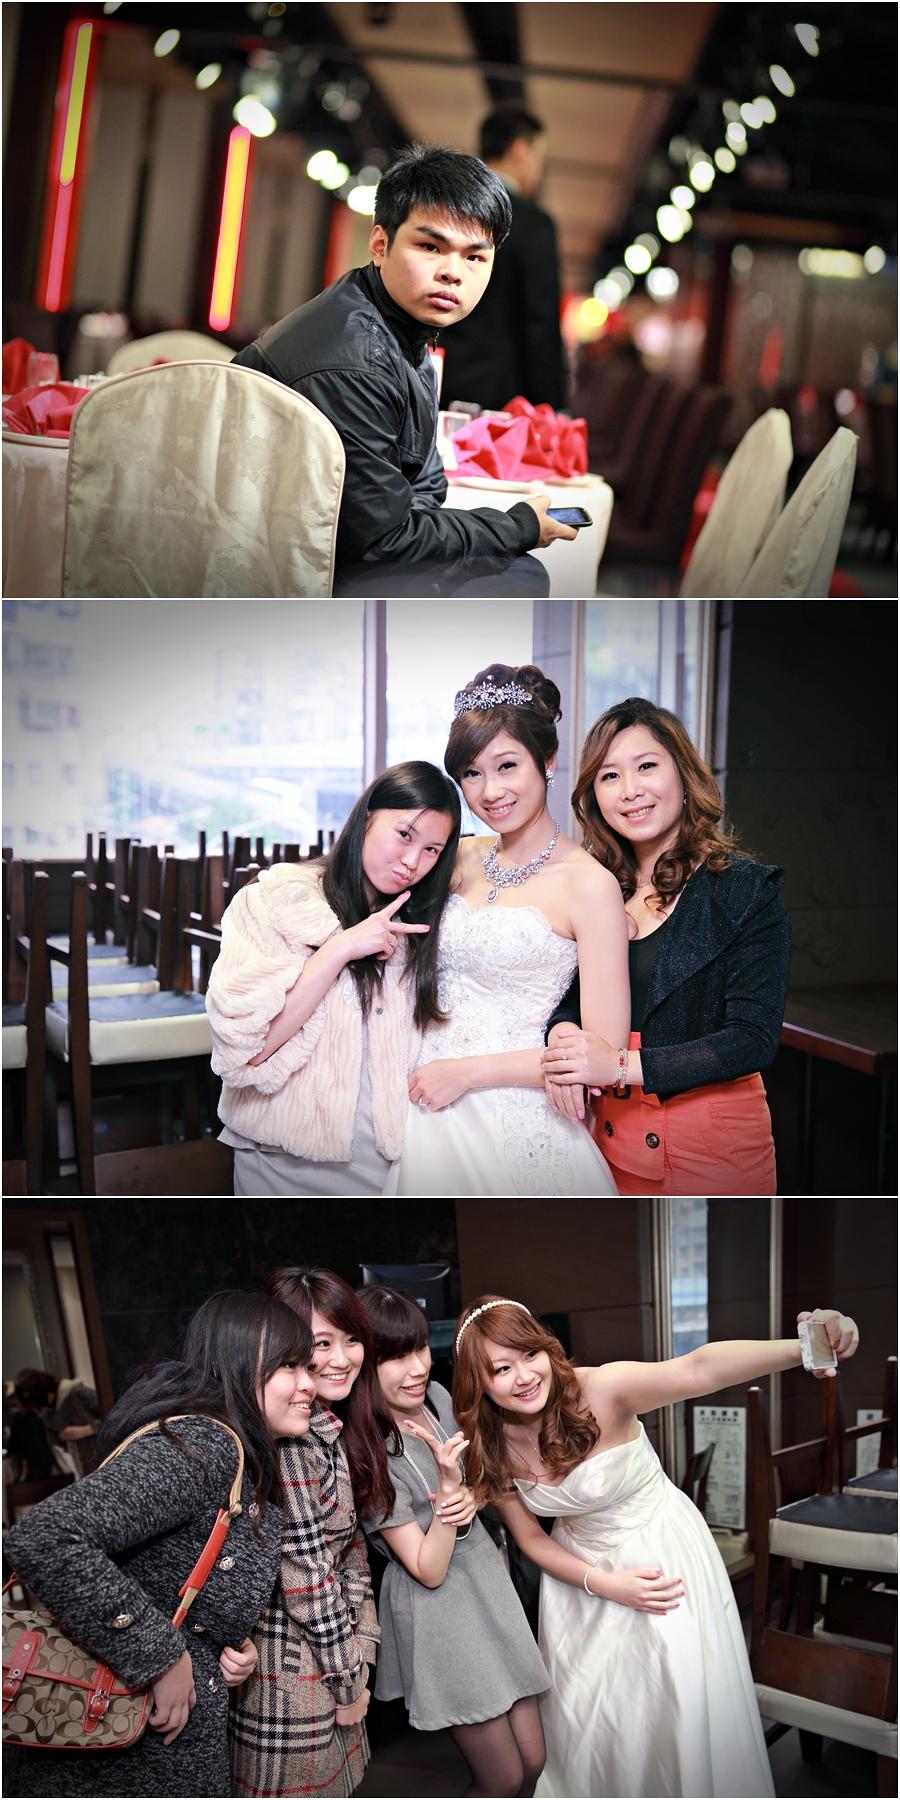 婚攝推薦,婚攝,婚禮記錄,搖滾雙魚,台北長春素食餐廳,婚禮攝影